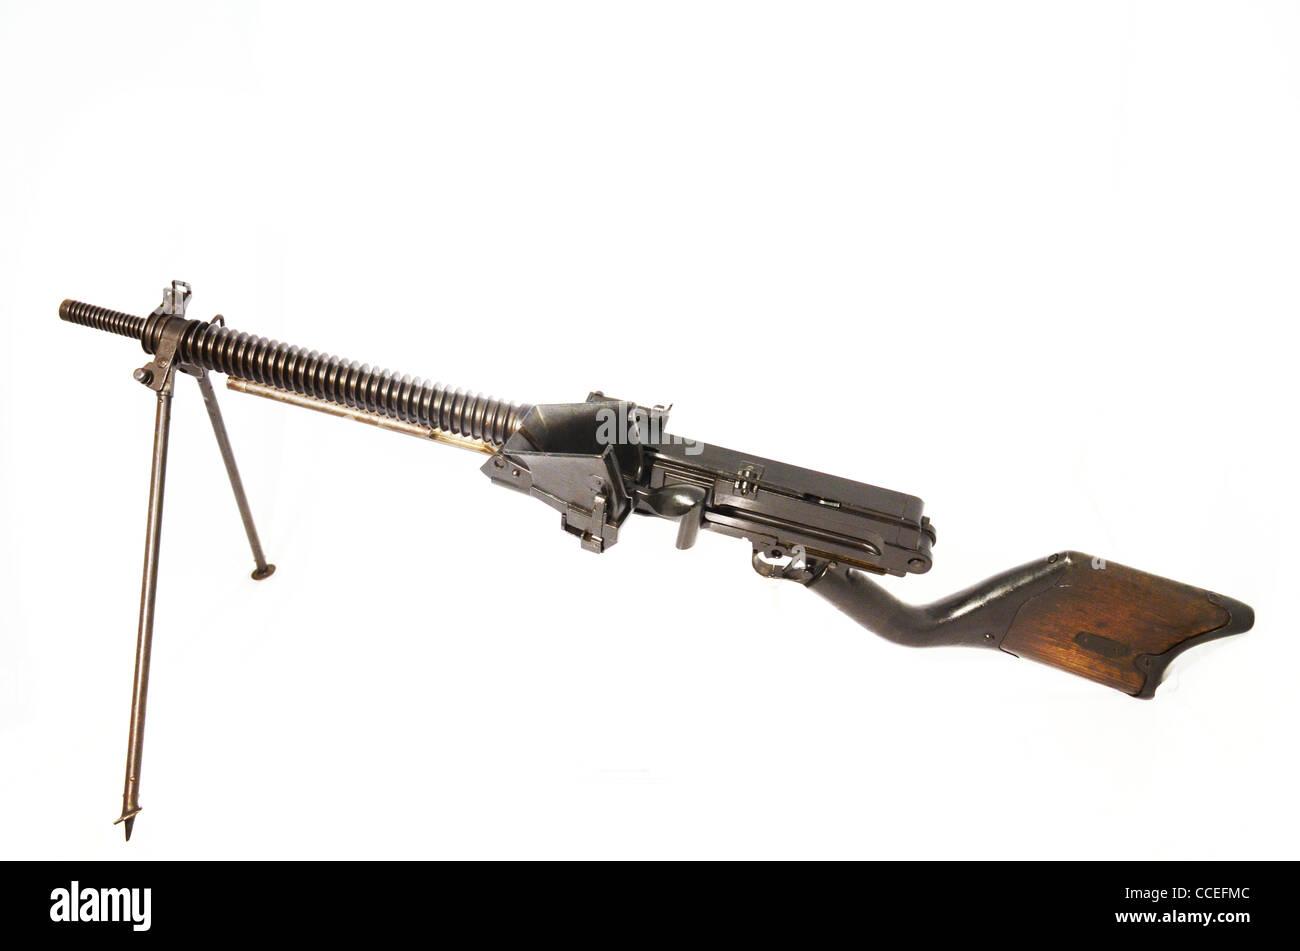 6,5 mm japonais LMG sans capbilty unique rond utilisé tout au long de la deuxième guerre mondiale 1922 Photo Stock